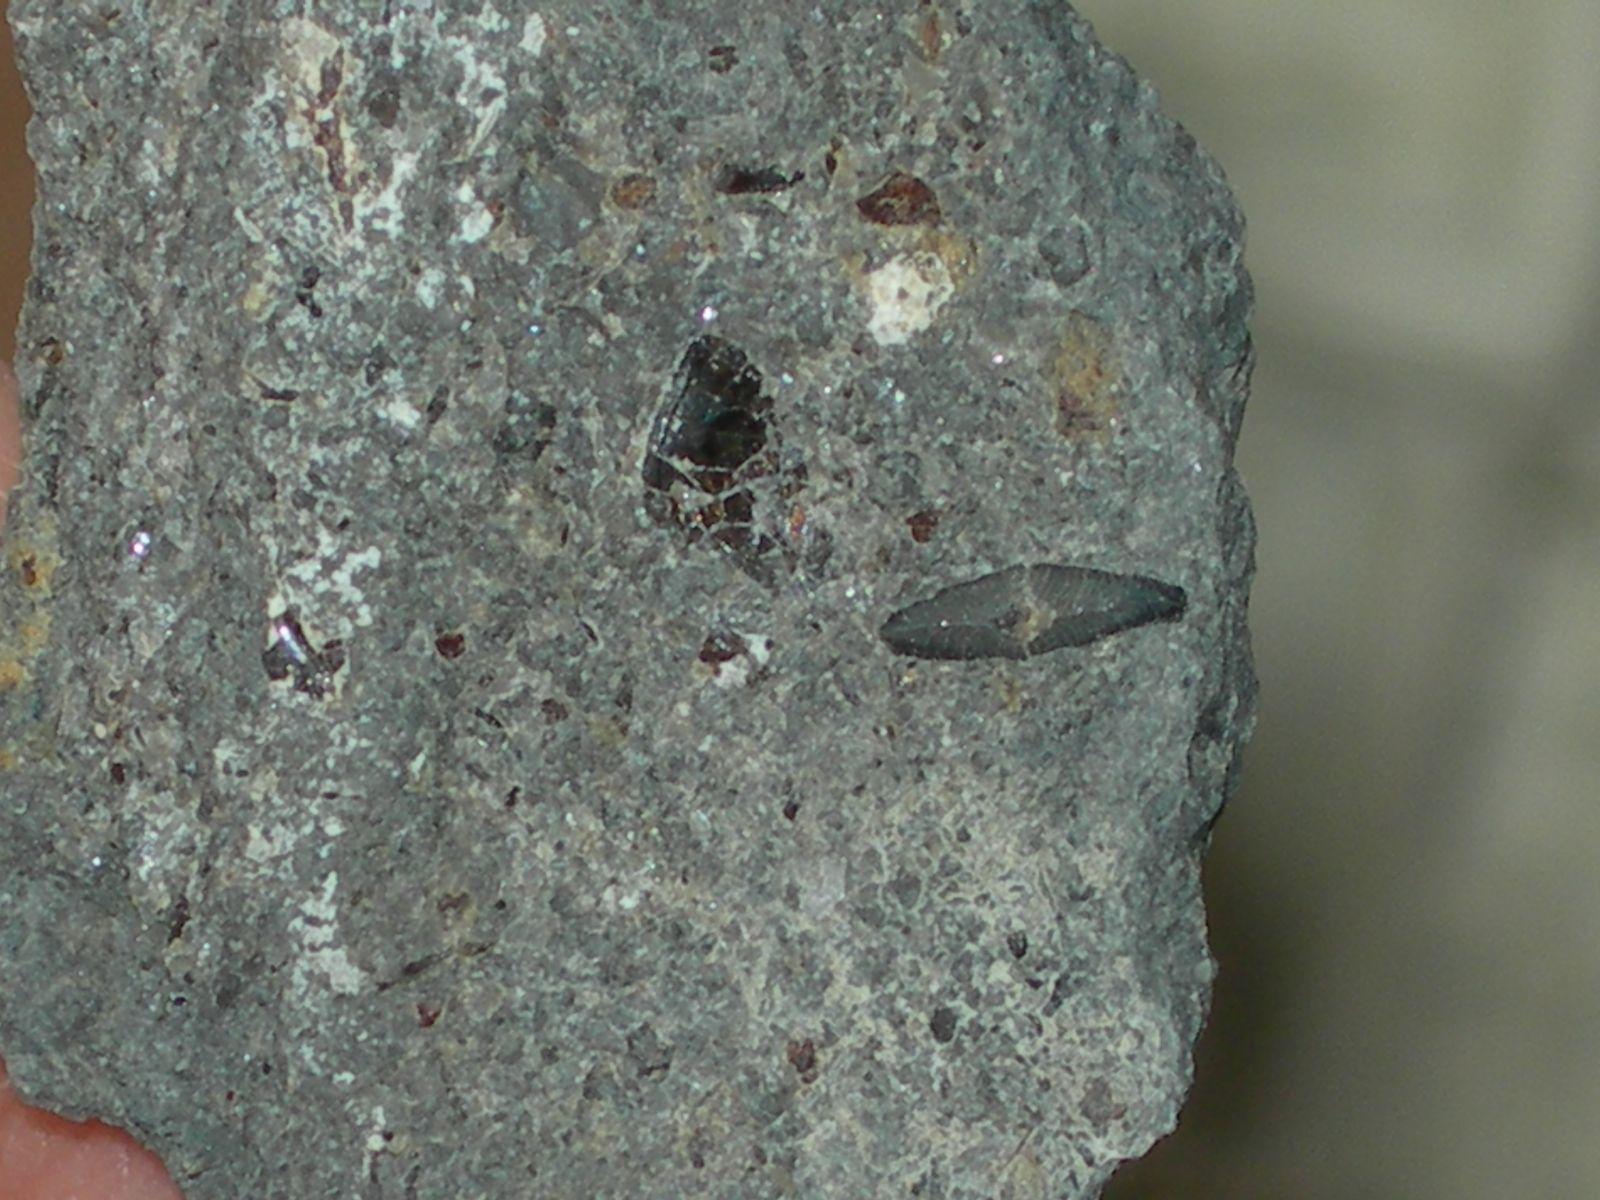 Lissodus